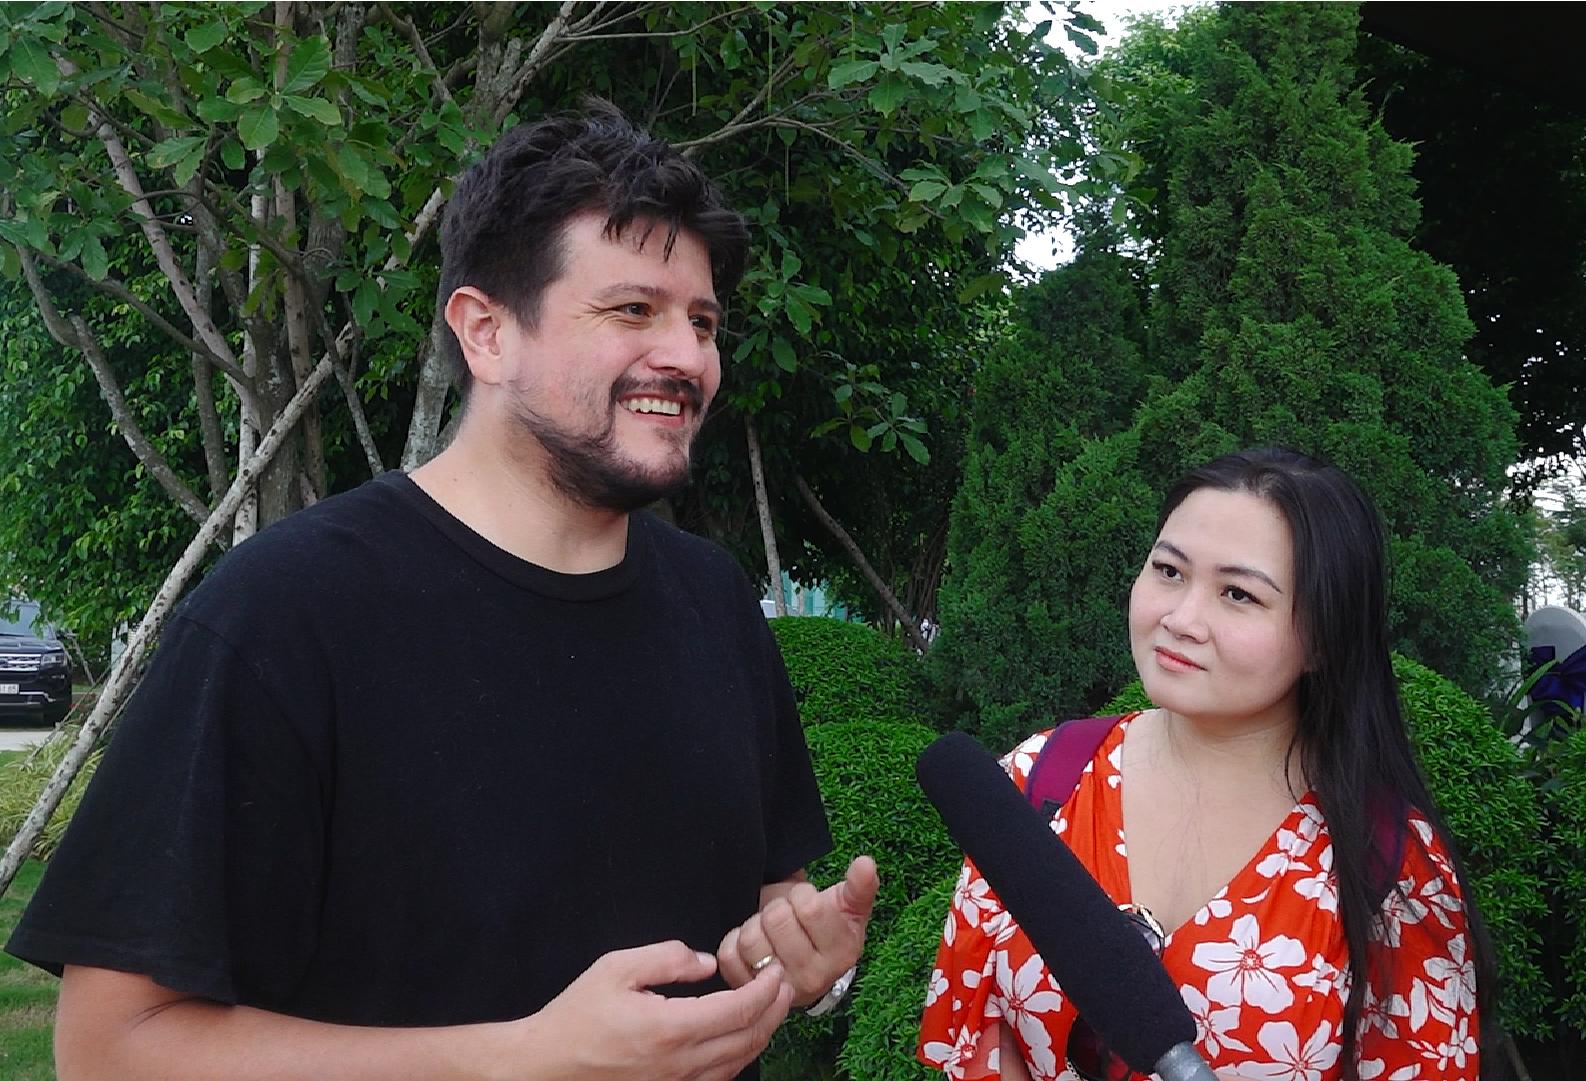 Vợ chồng anh Fernando Ramos ấn tượng với môi trường sống trong lành và quy hoạch bài bản tại Aqua City. Ảnh: Novaland.